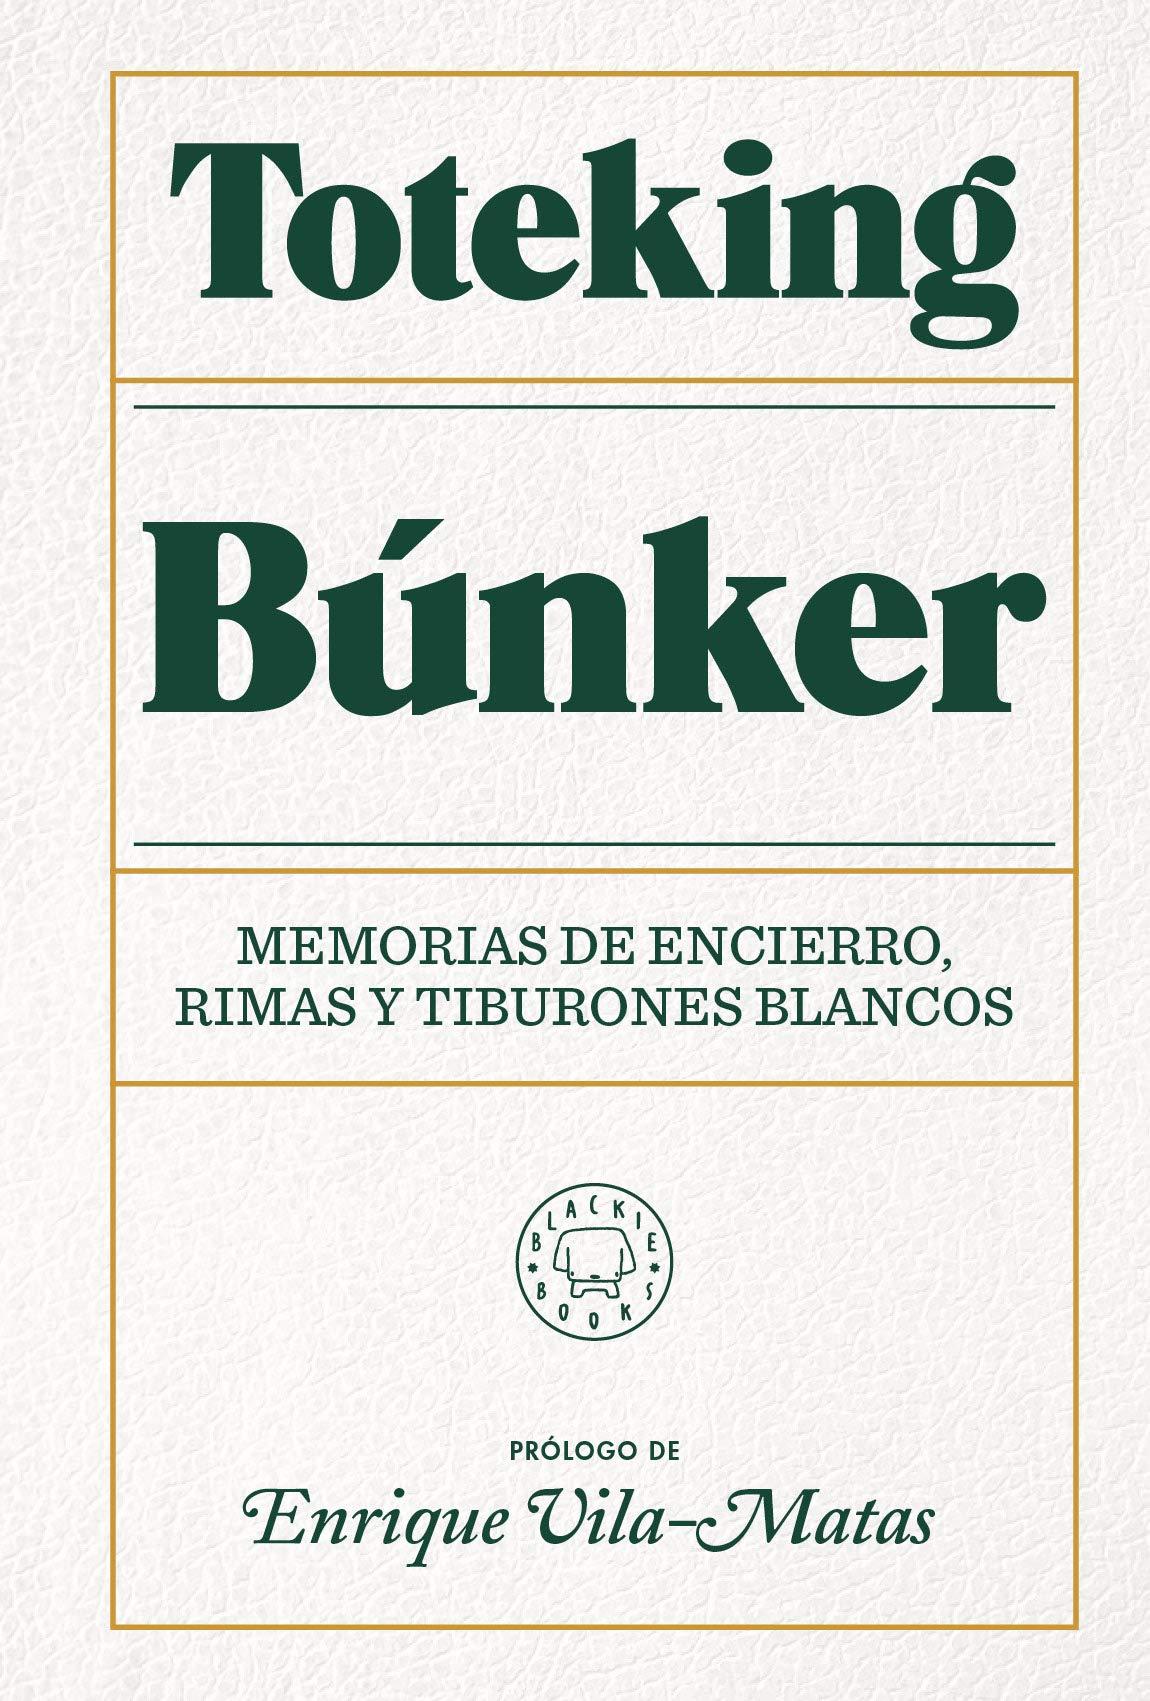 DESCARGAR en PDF el libro Búnker: Memorias de encierro, rimas y tiburones blancos de Toteking Gratis